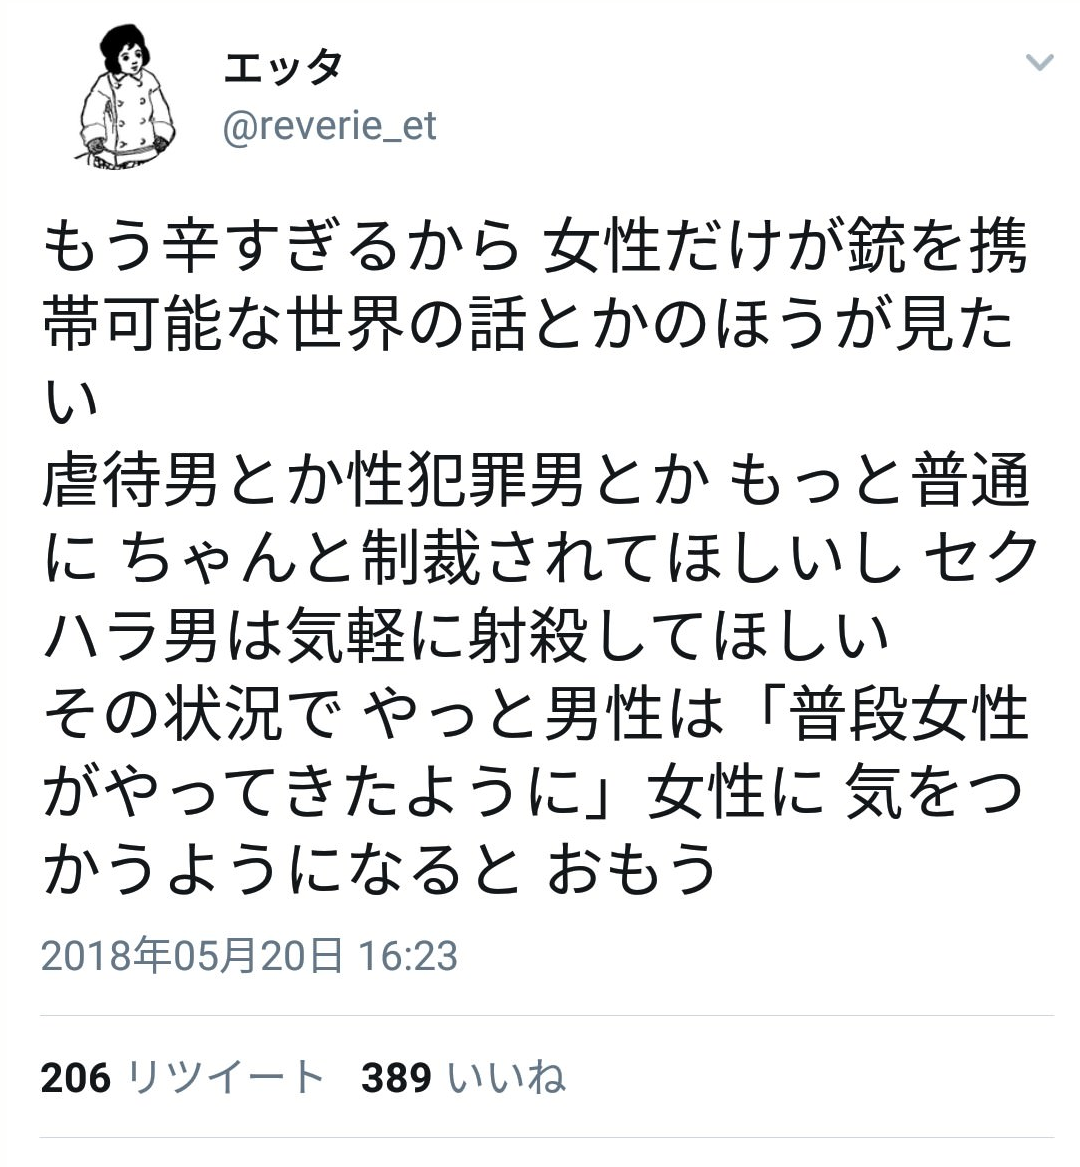 新宿駅で女性狙い「タックル」する男の動画拡散 「私も同じことされた」と証言も